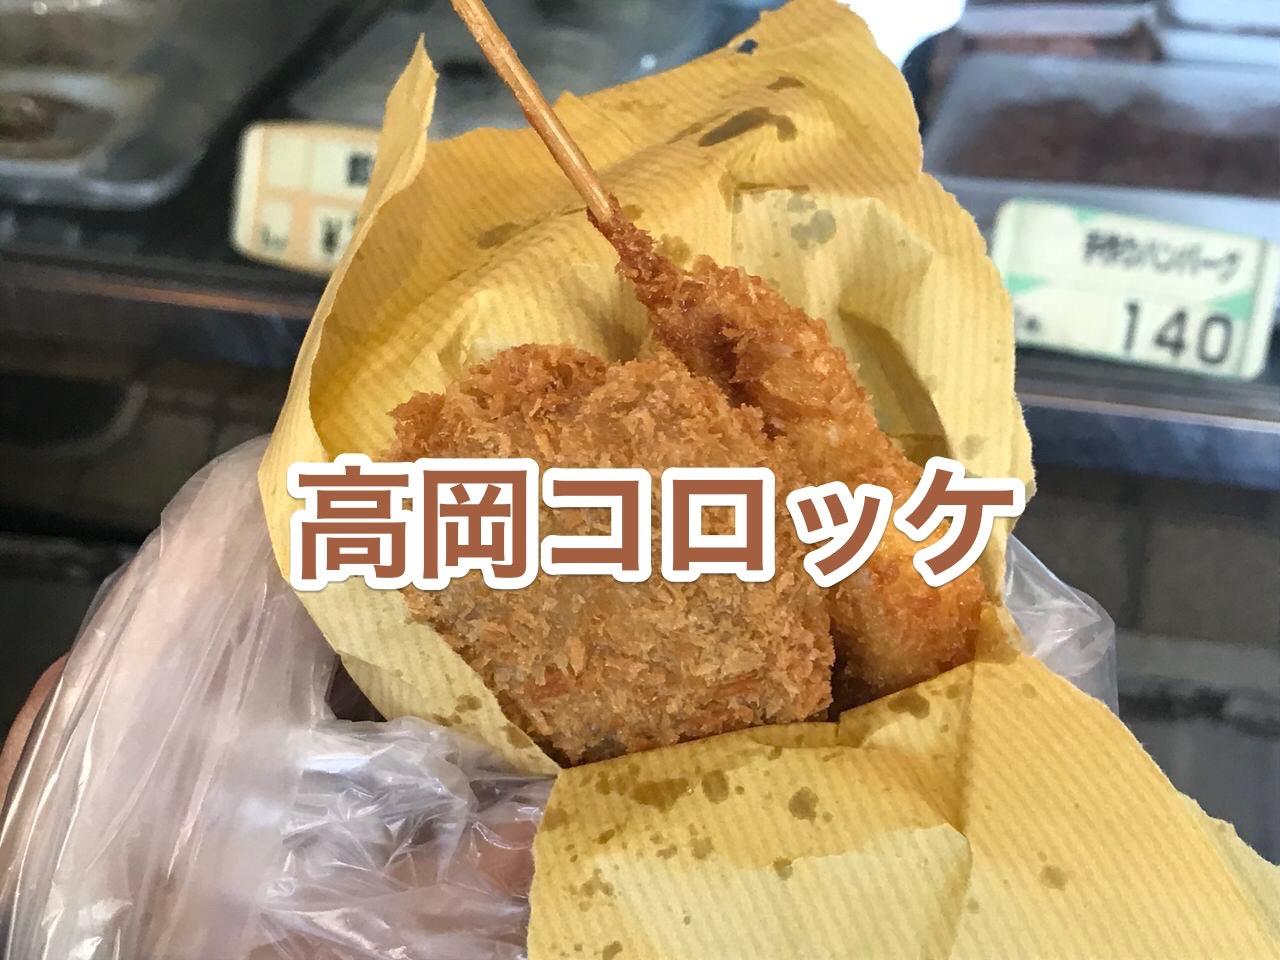 高岡はコロッケの町「丸長精肉店」【富山】